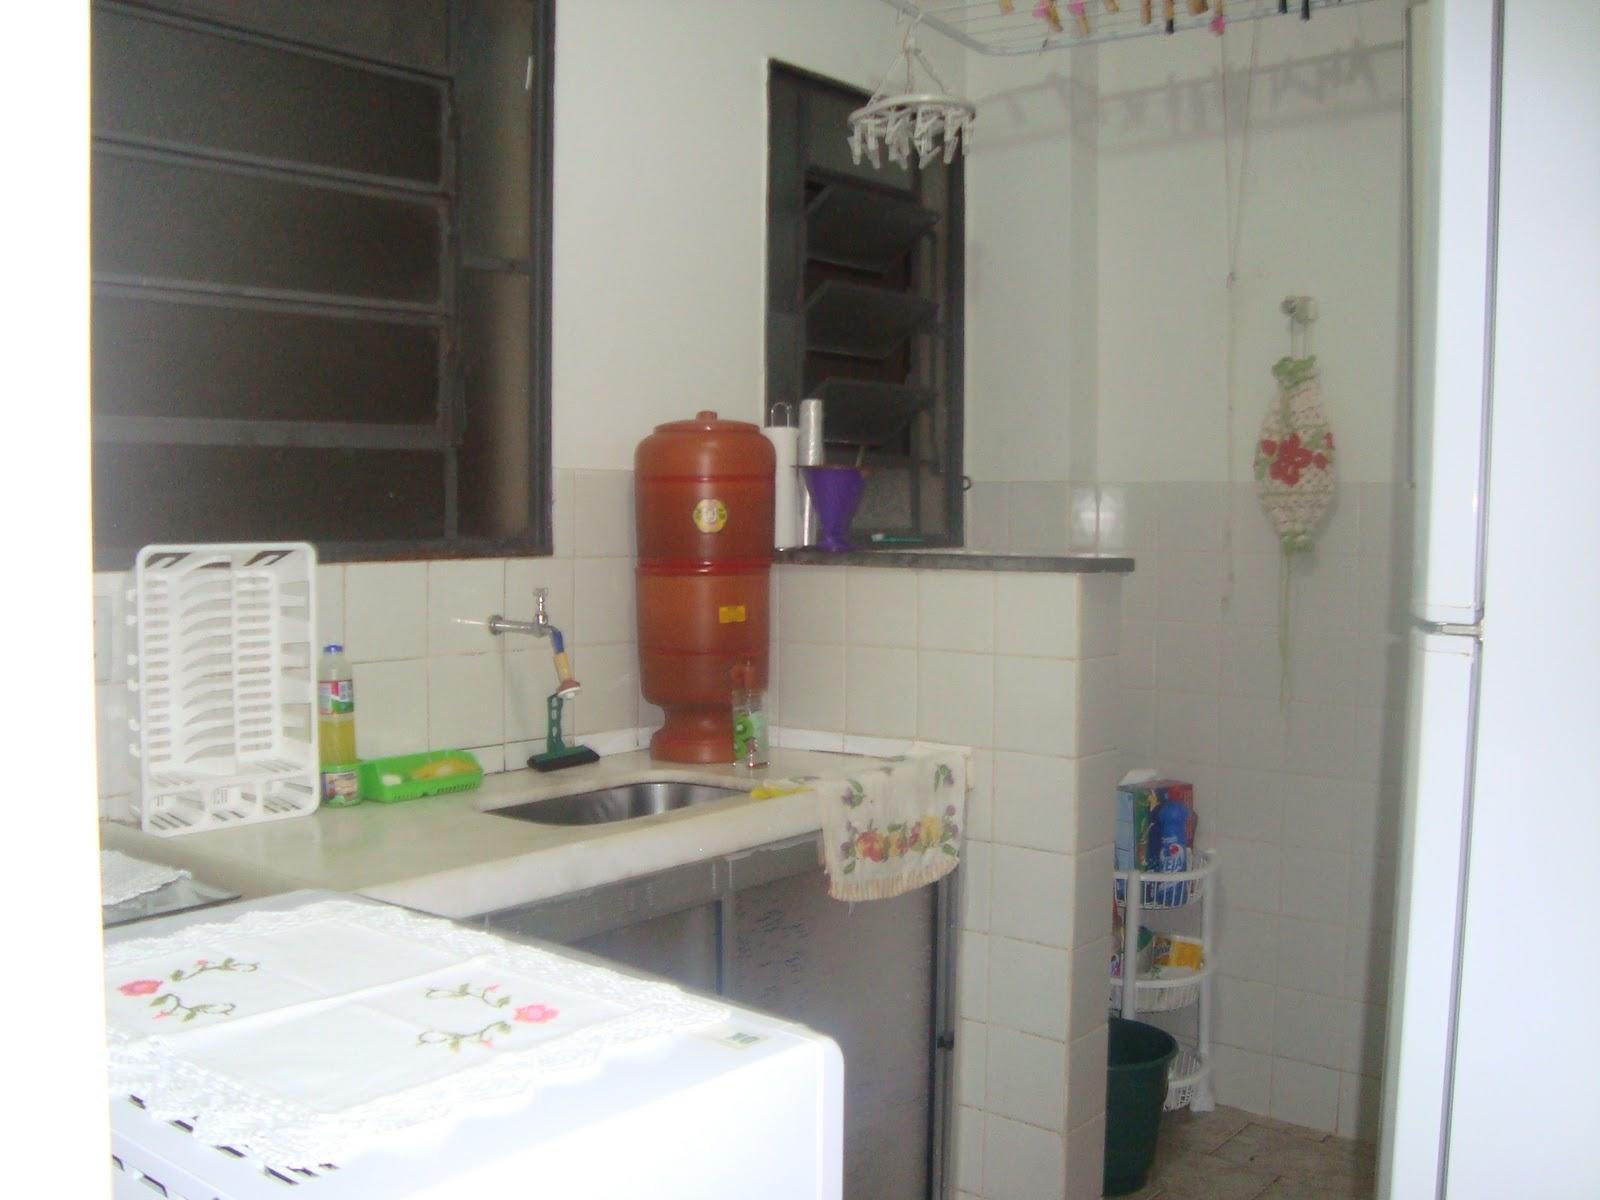 Cozinha E Sala Conjugada Casa Pro Pelautscom Picture picture #6E4538 1600 1200